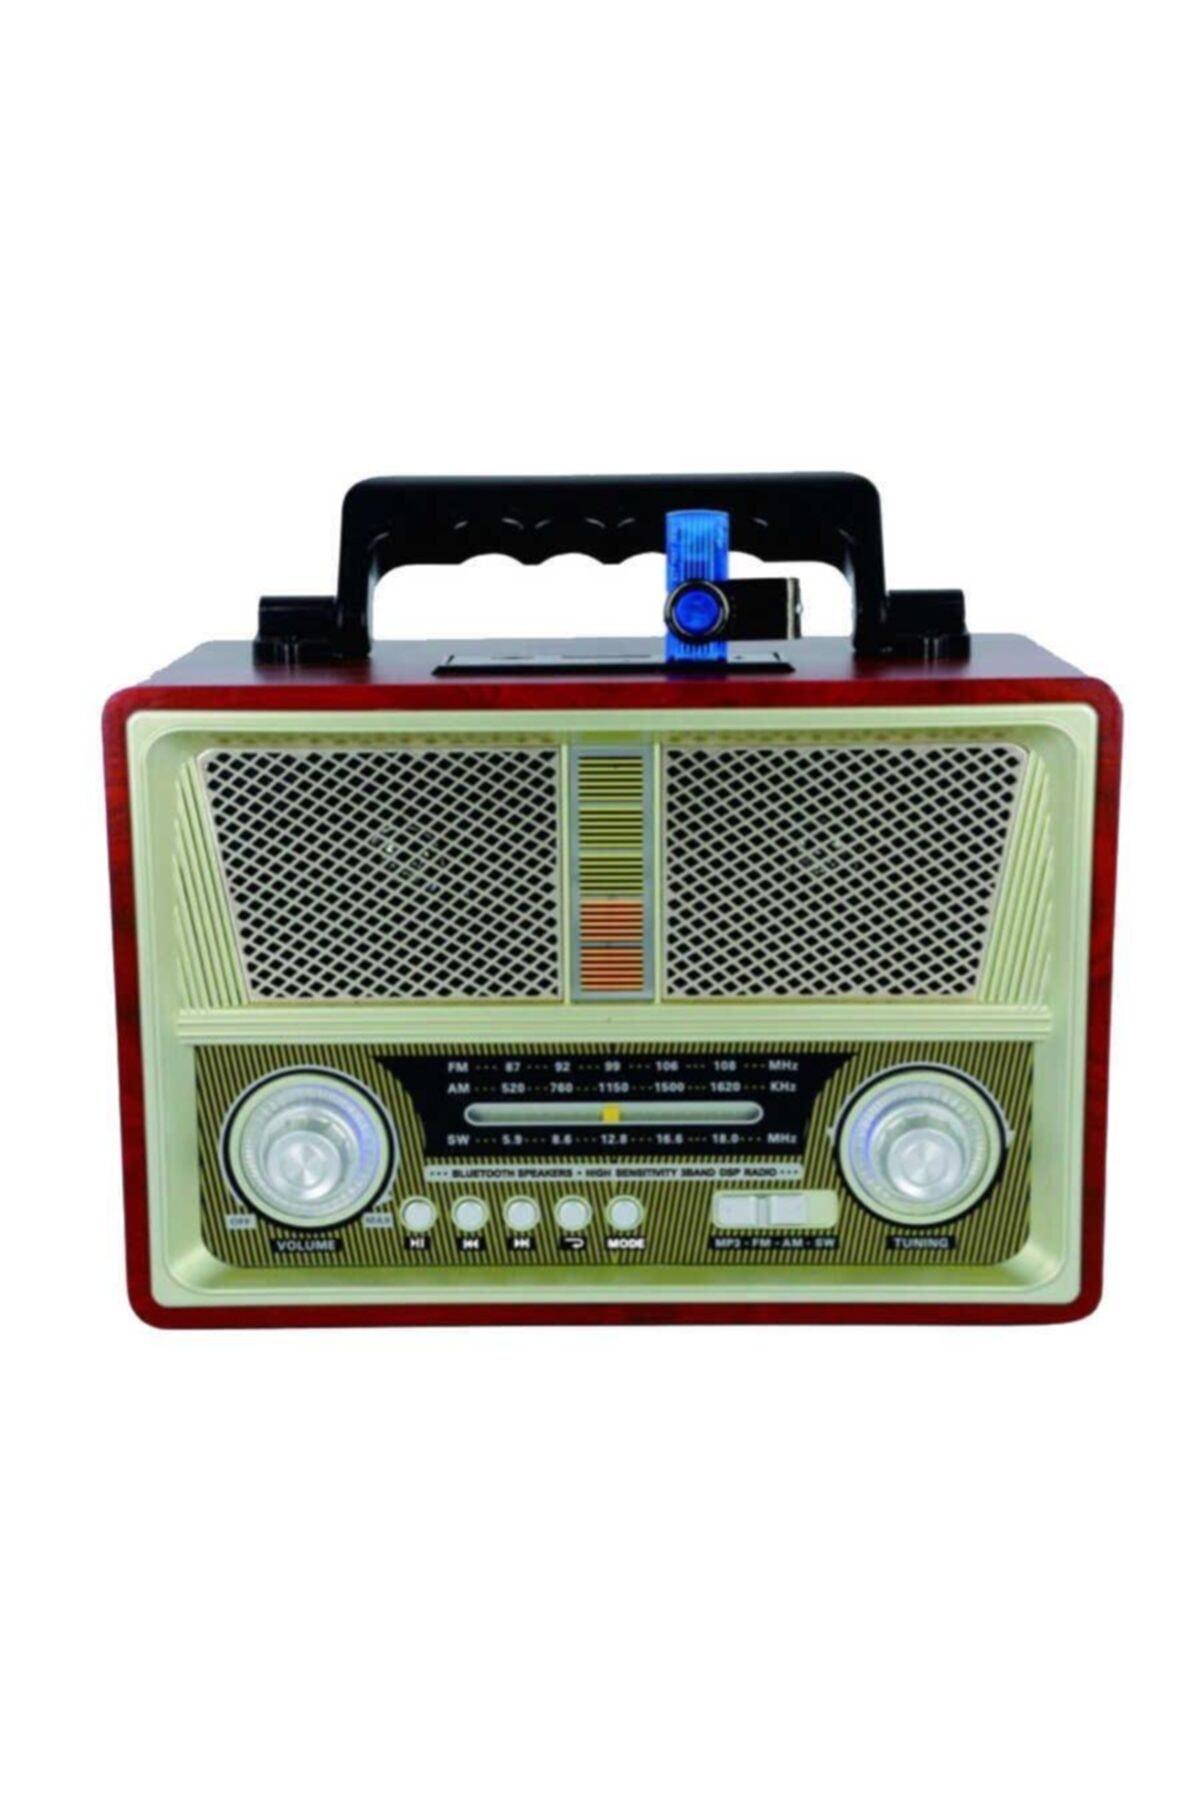 zore Nostaljik Radyo Görünümlü Bluetooth Speaker Ses Bombası 1